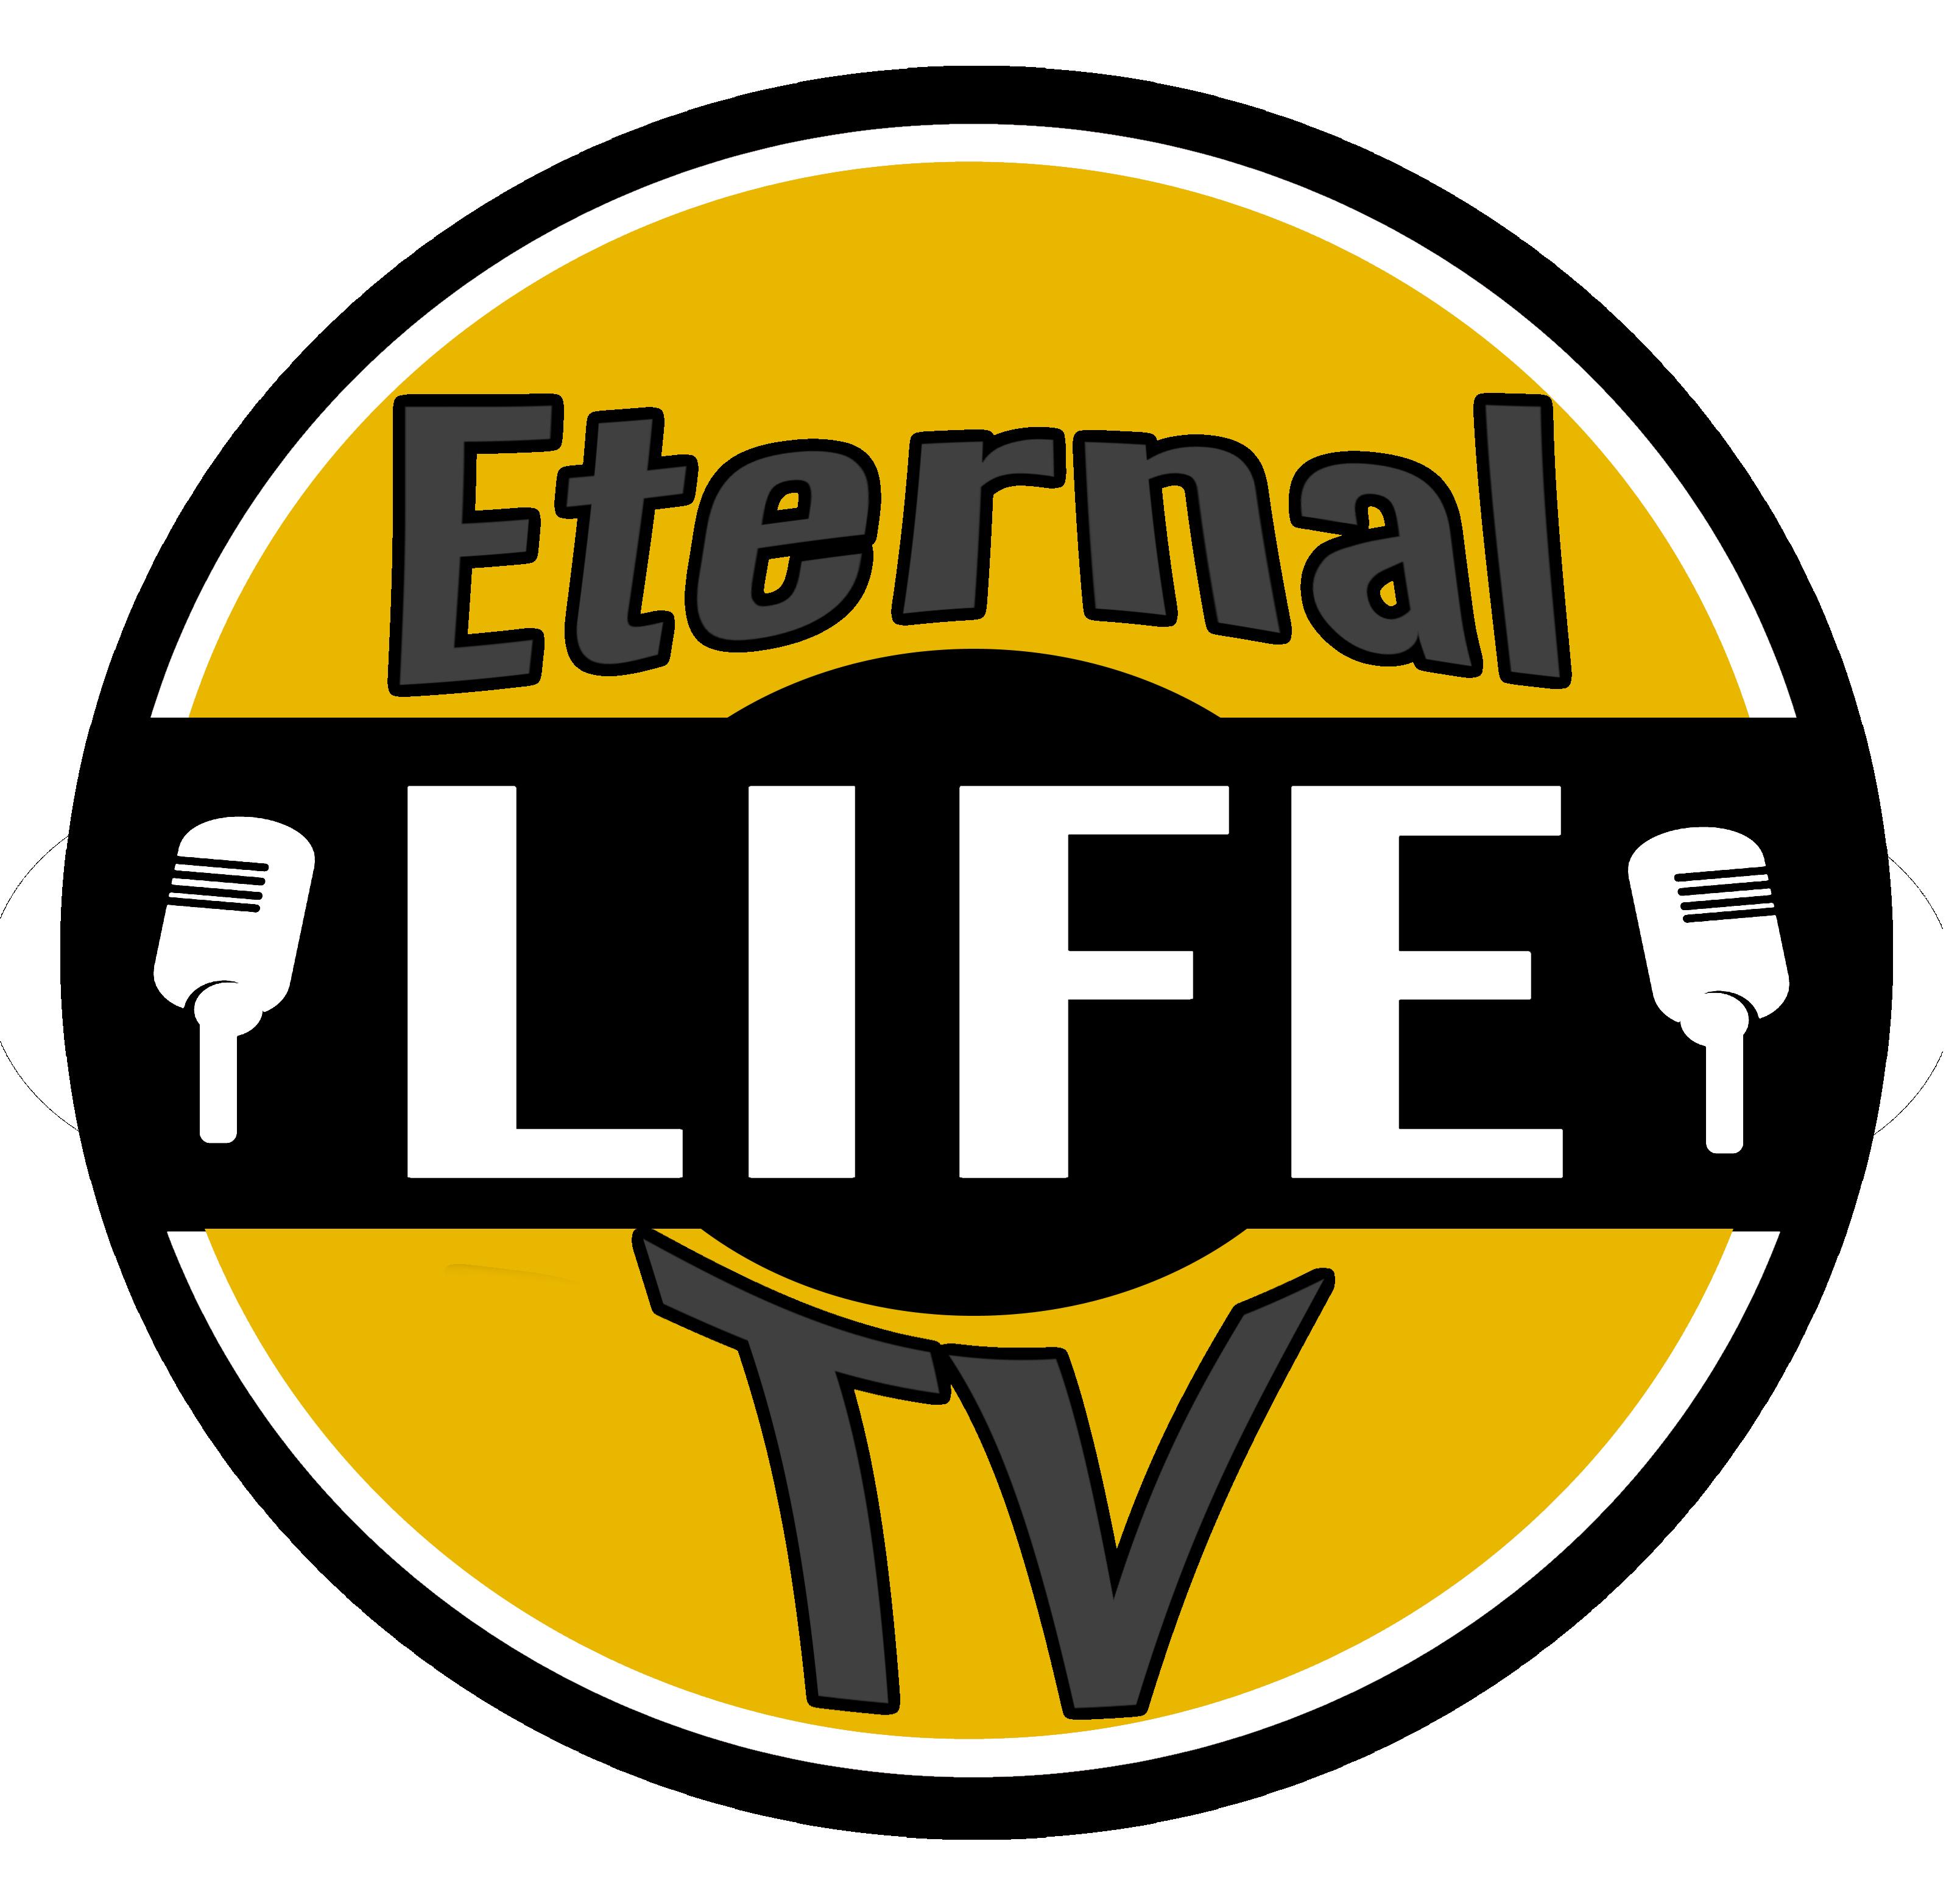 eternal life tv